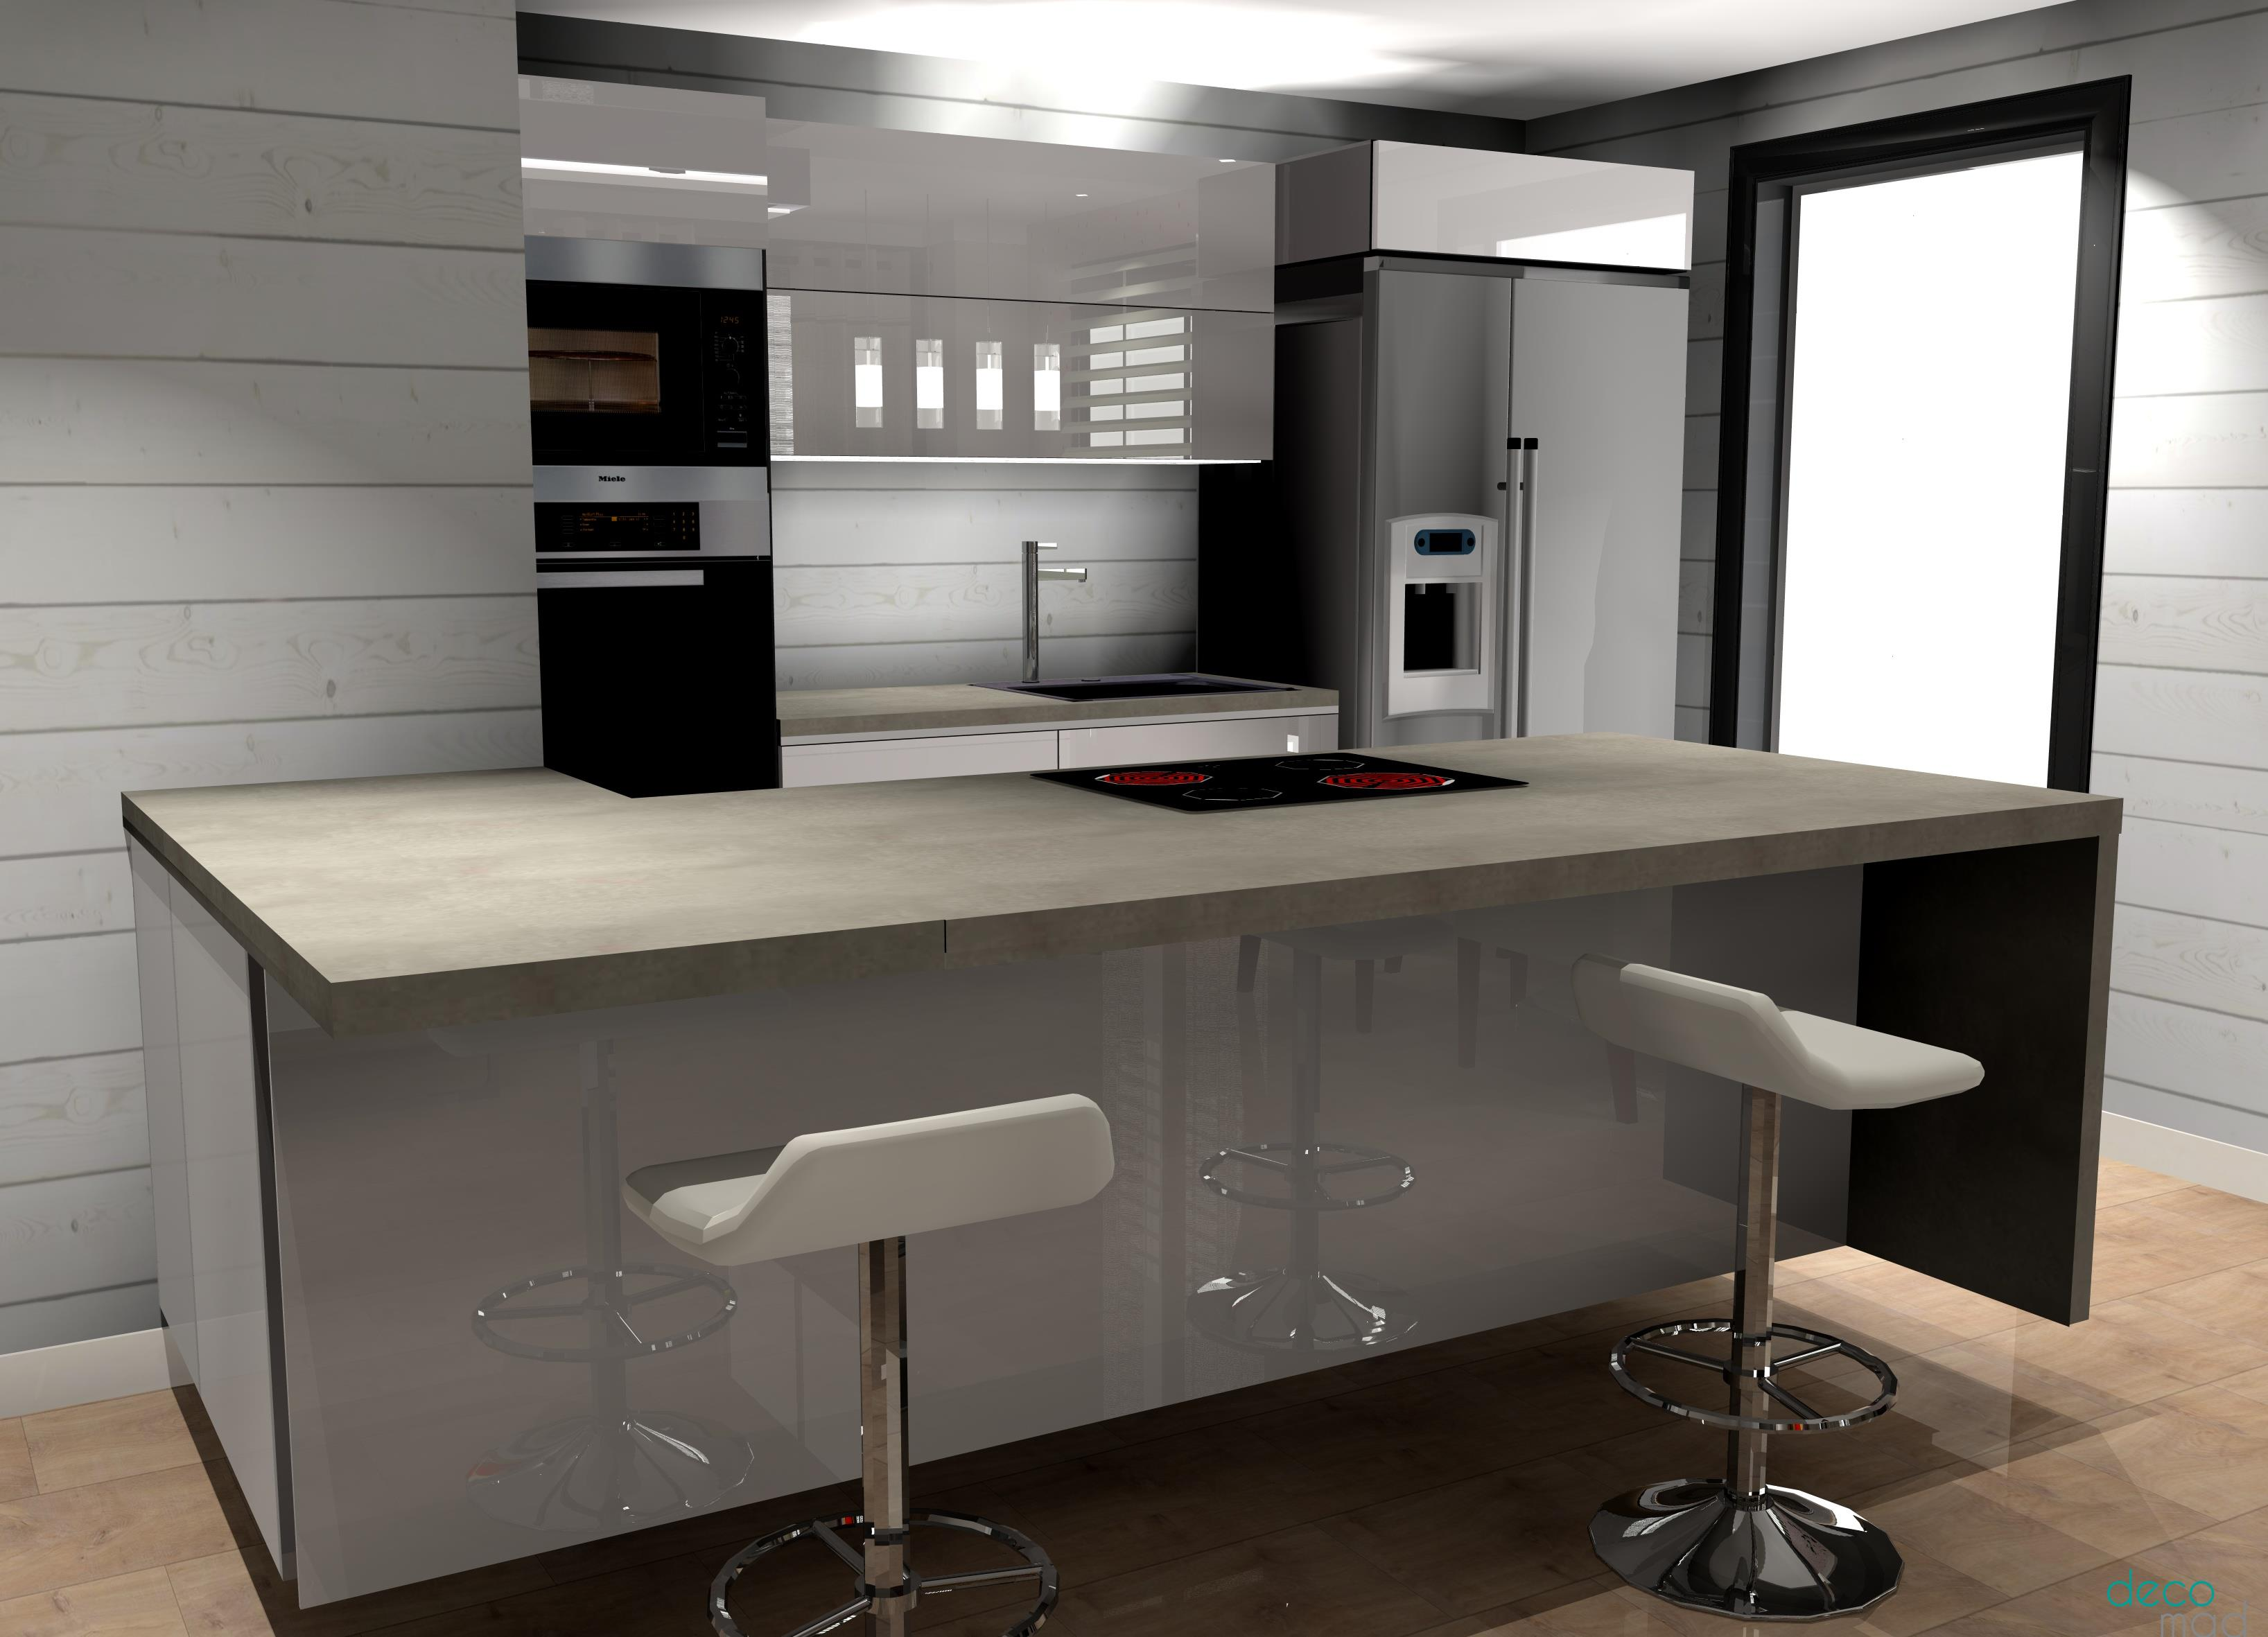 Cocina abierta al sal n valdebebas ideas reformas cocinas for Cocinas abiertas al pasillo